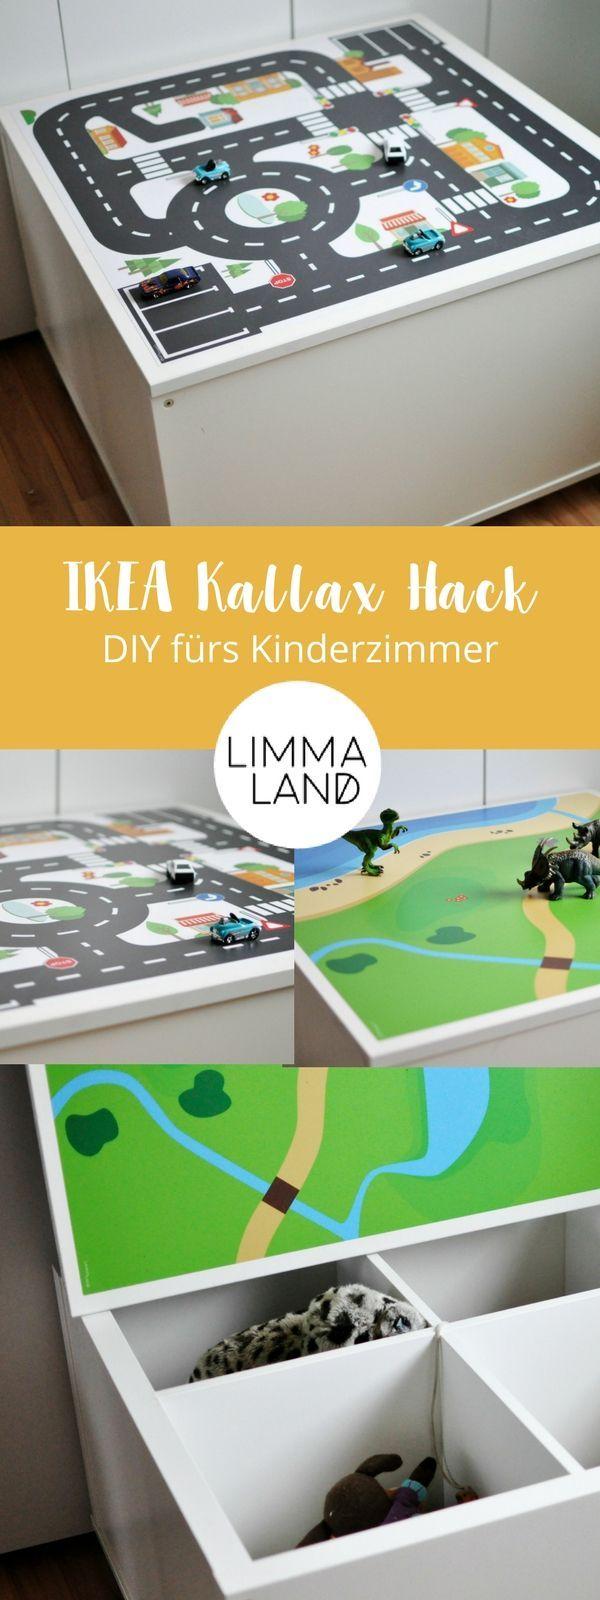 Ikea Kallax Hack Fur Das Kinderzimmer Diy Spieltisch Mit Stauraum